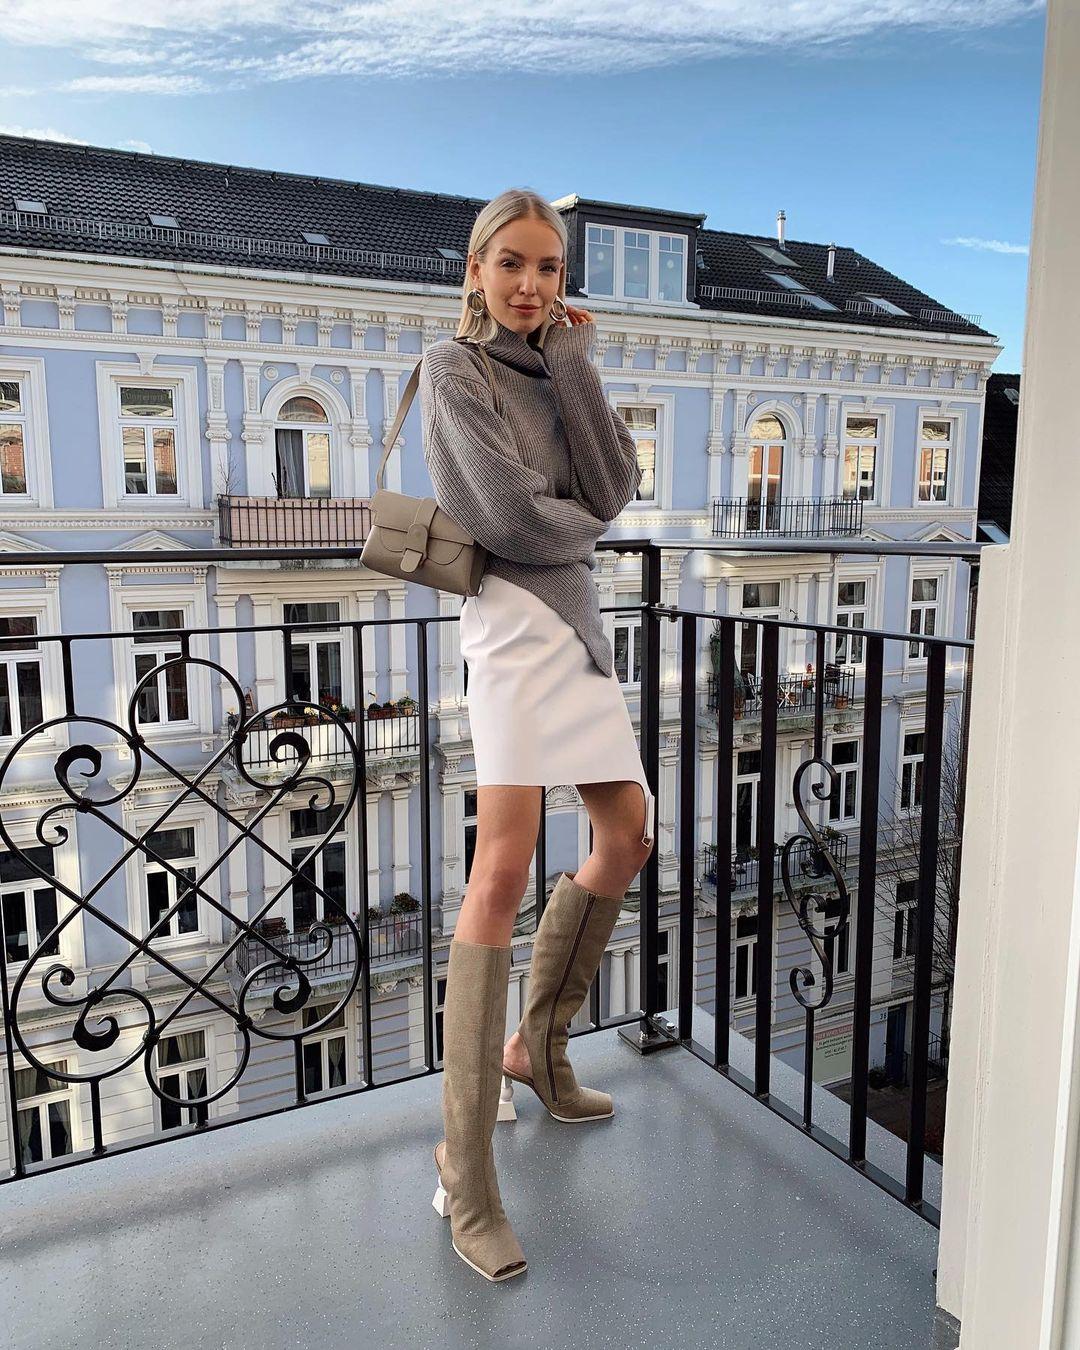 Трікожаная або плісе: стиліст показала, як носити спідницю цієї осені